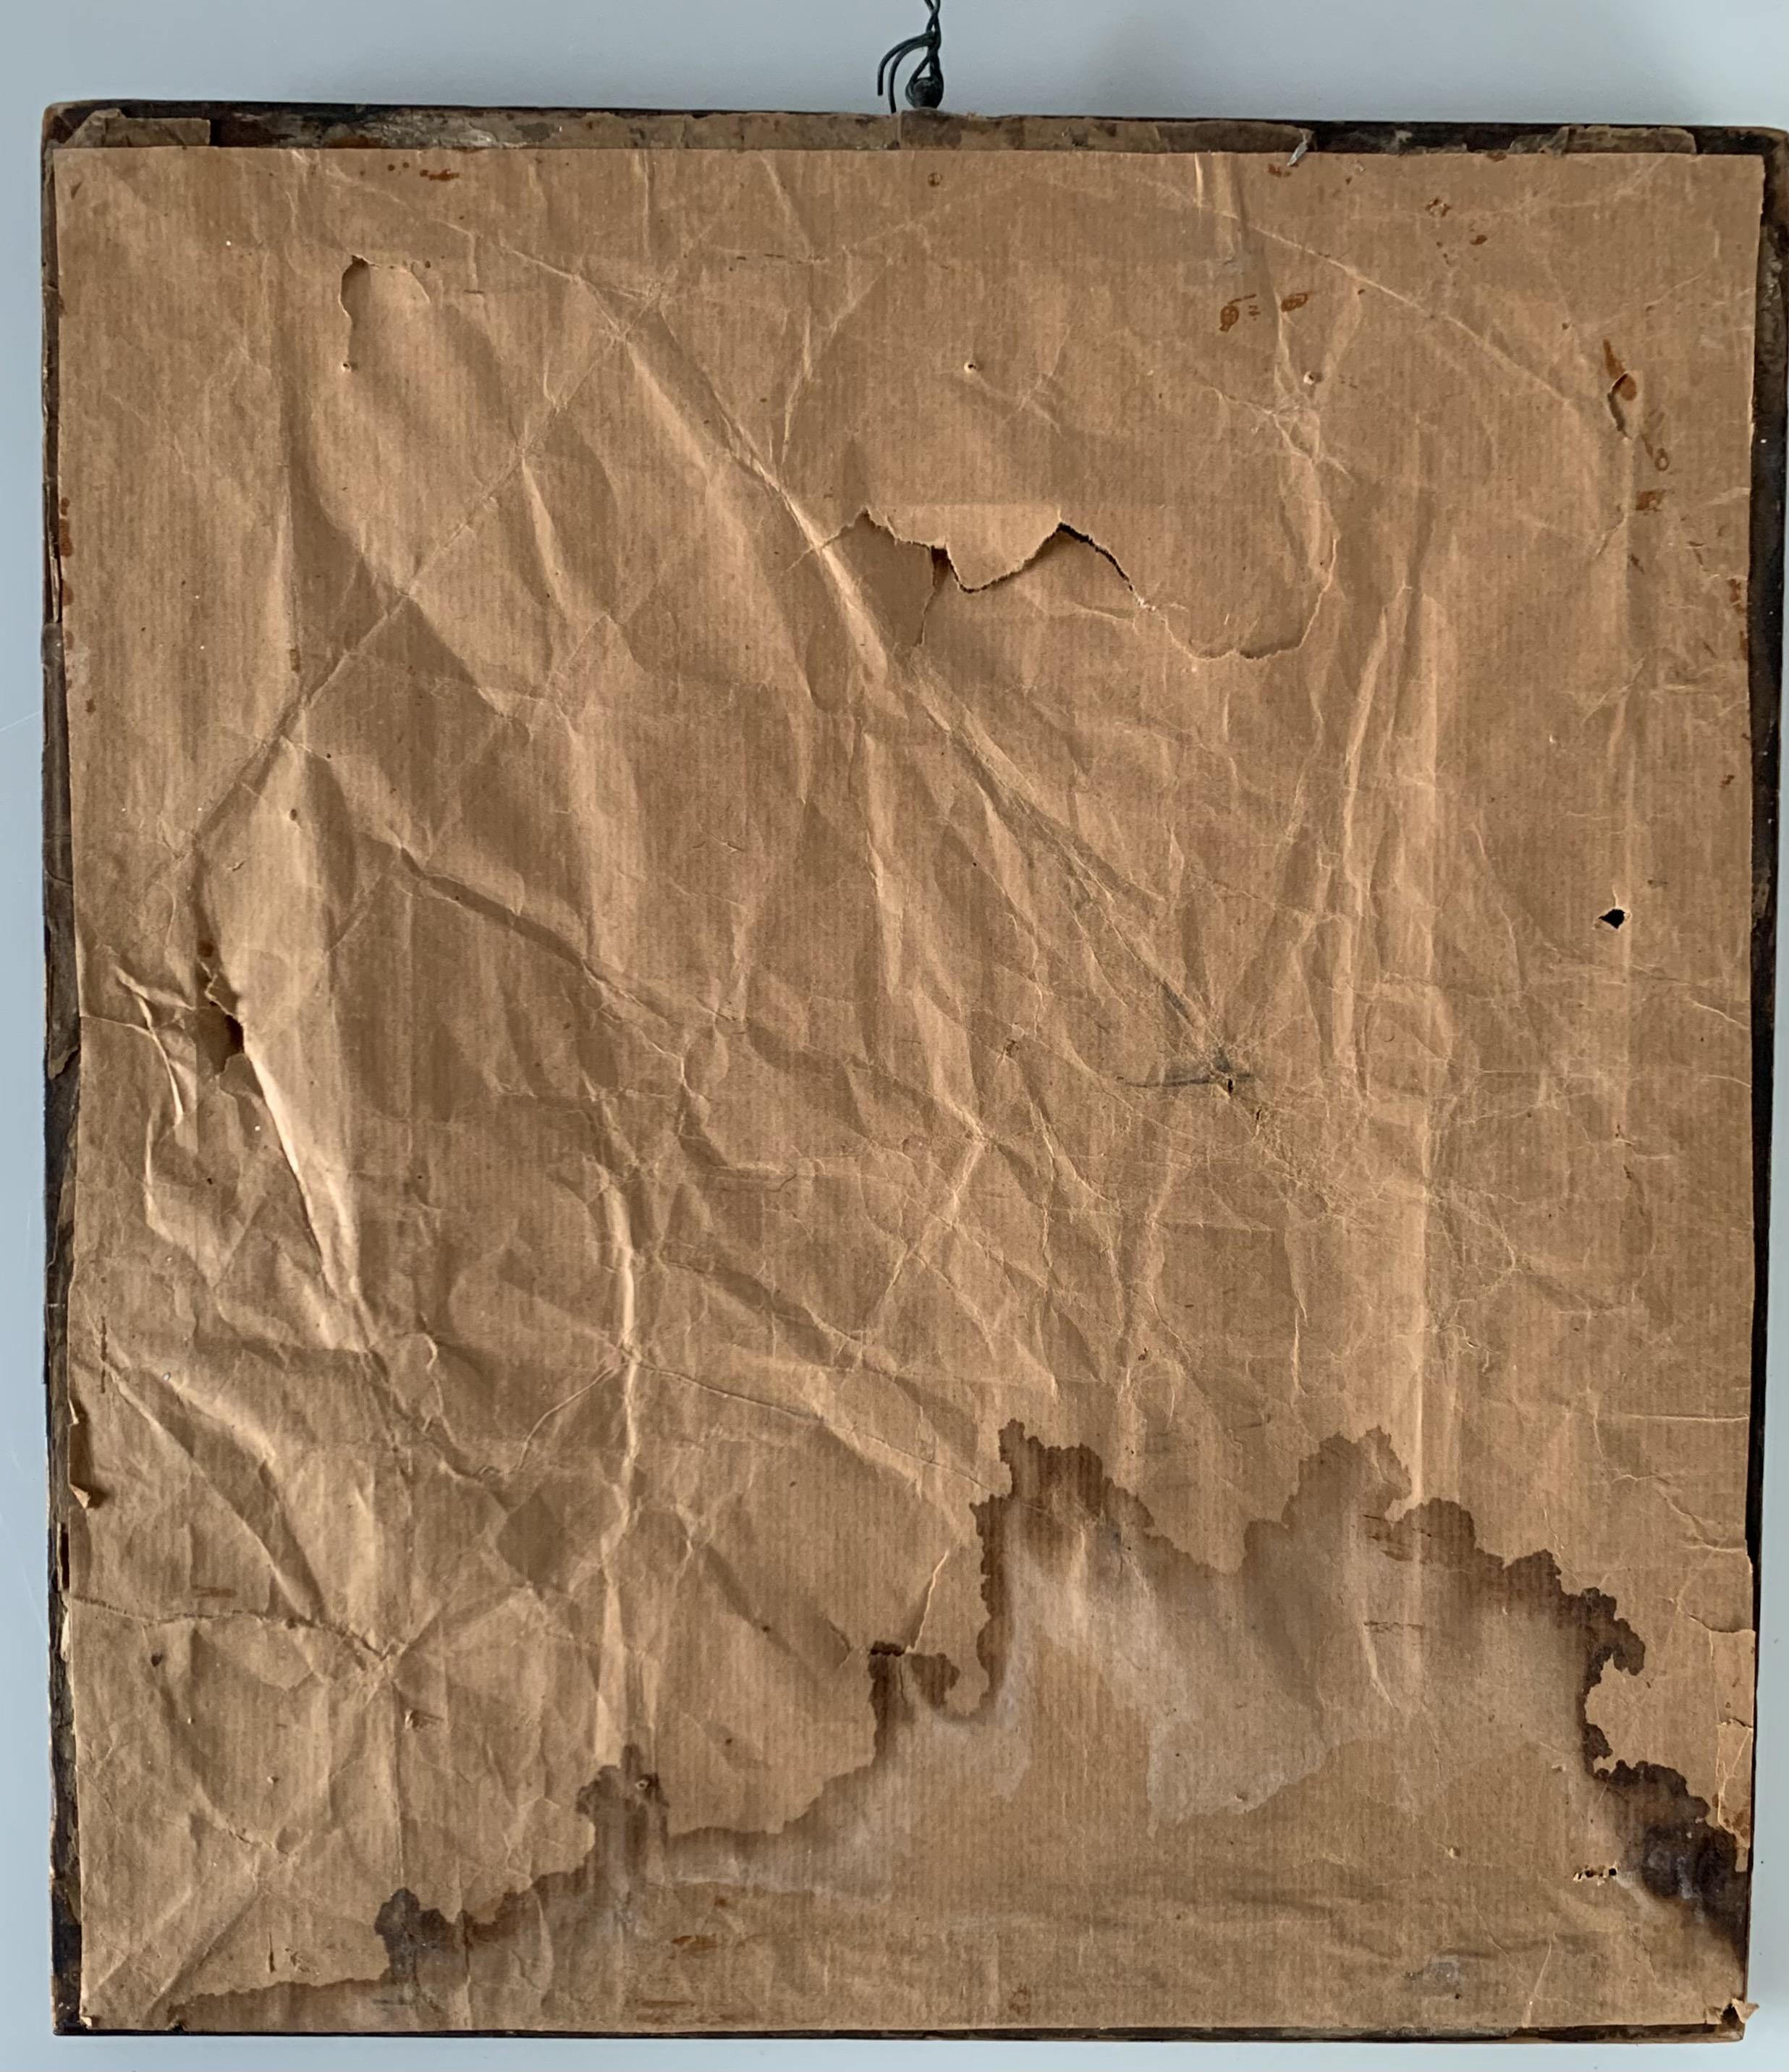 """Sampler by Elizabeth Woods, age 12, 1840. 10.5"""" x 12"""", frame 14"""" x 15.5"""" - Image 2 of 2"""